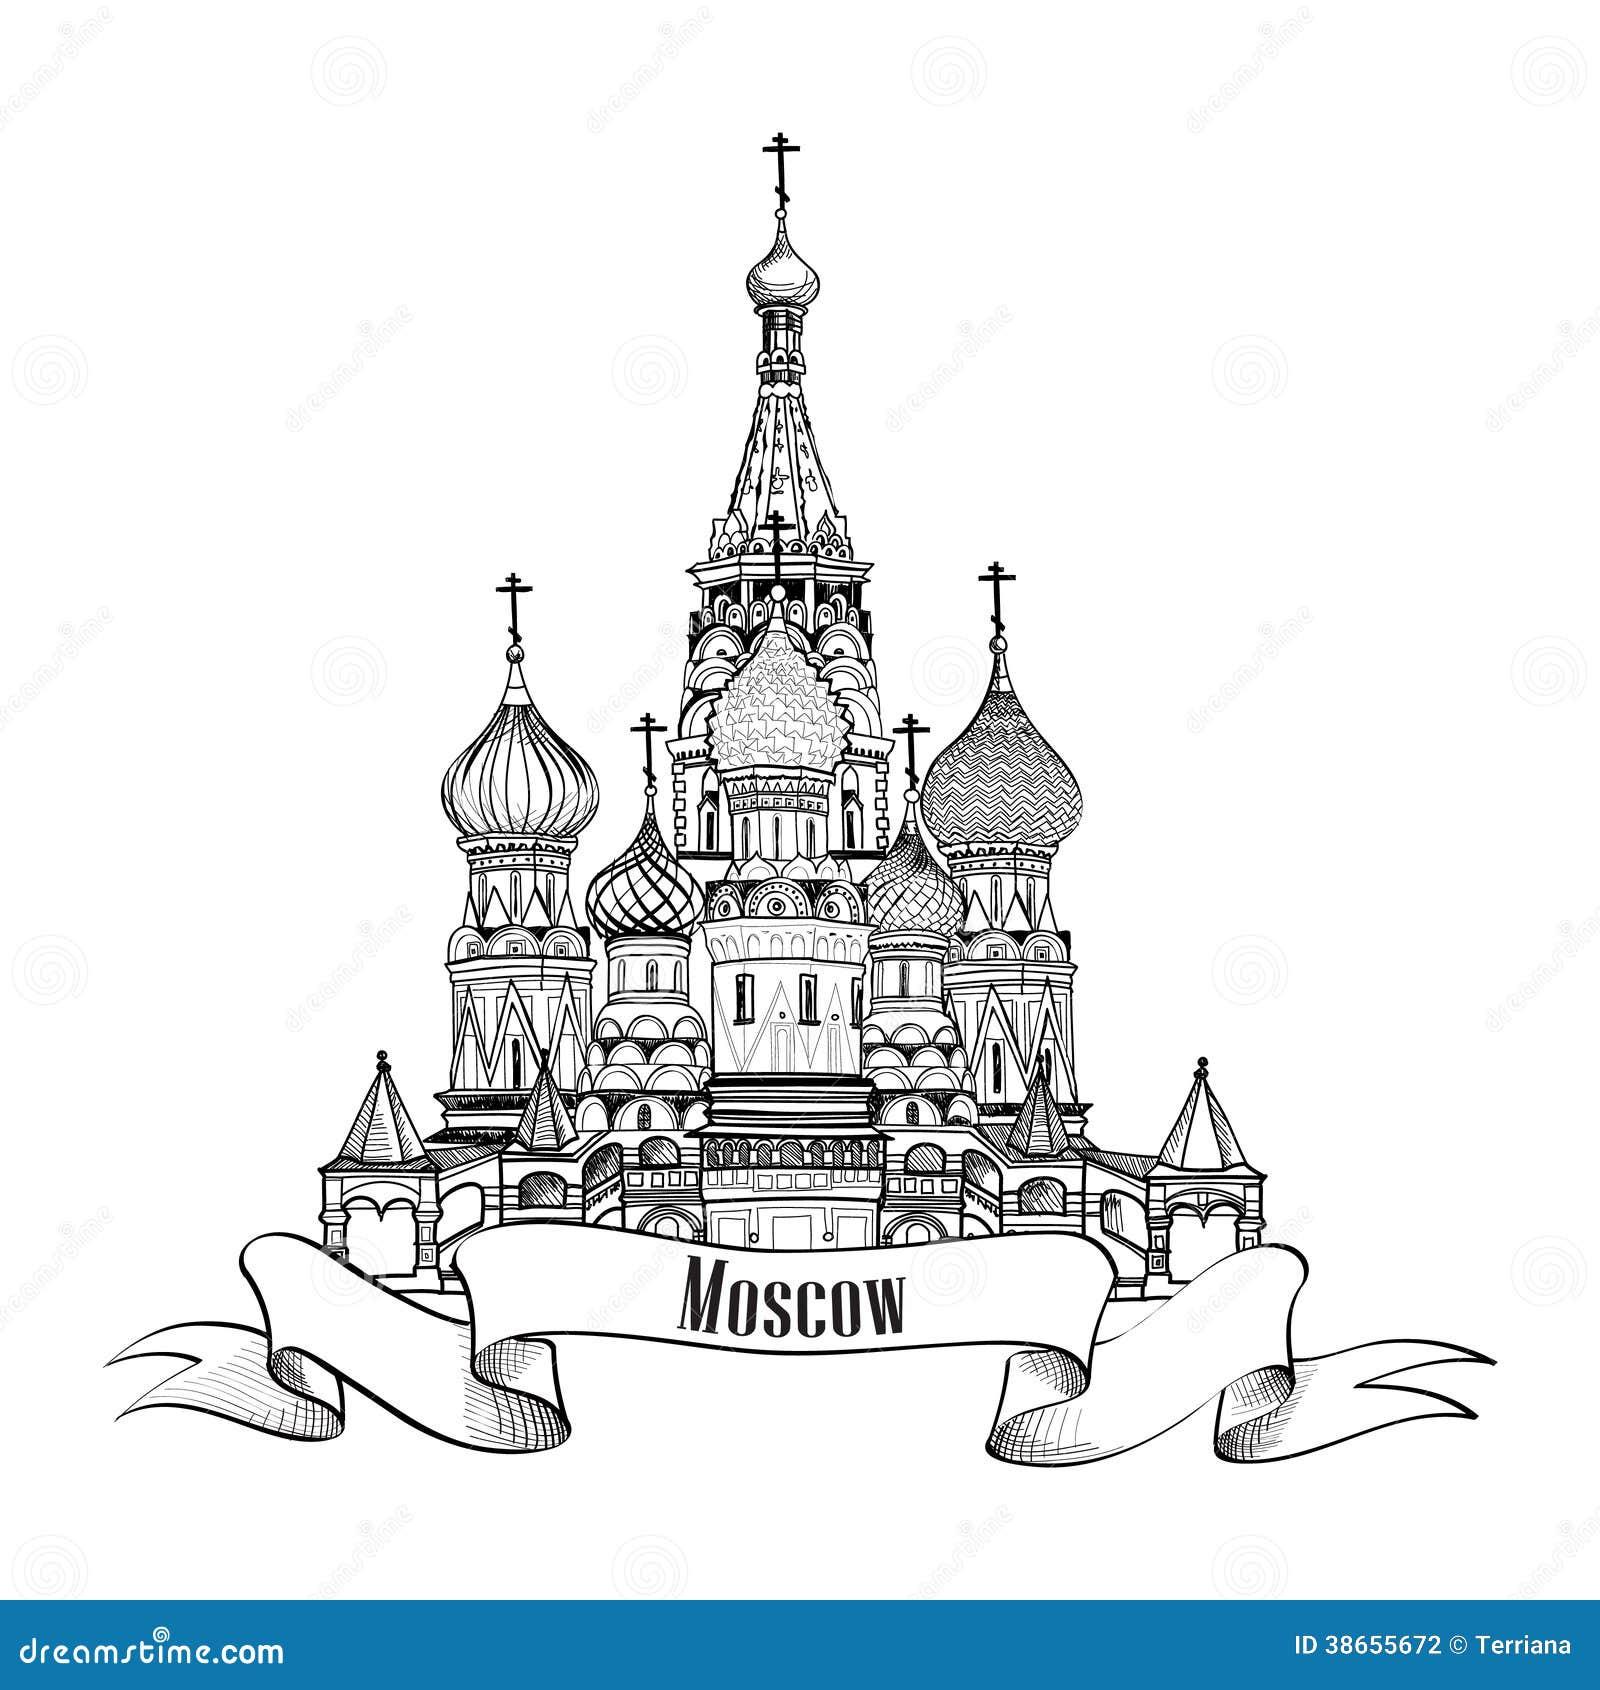 símbolo da cidade de moscou ilustração do vetor